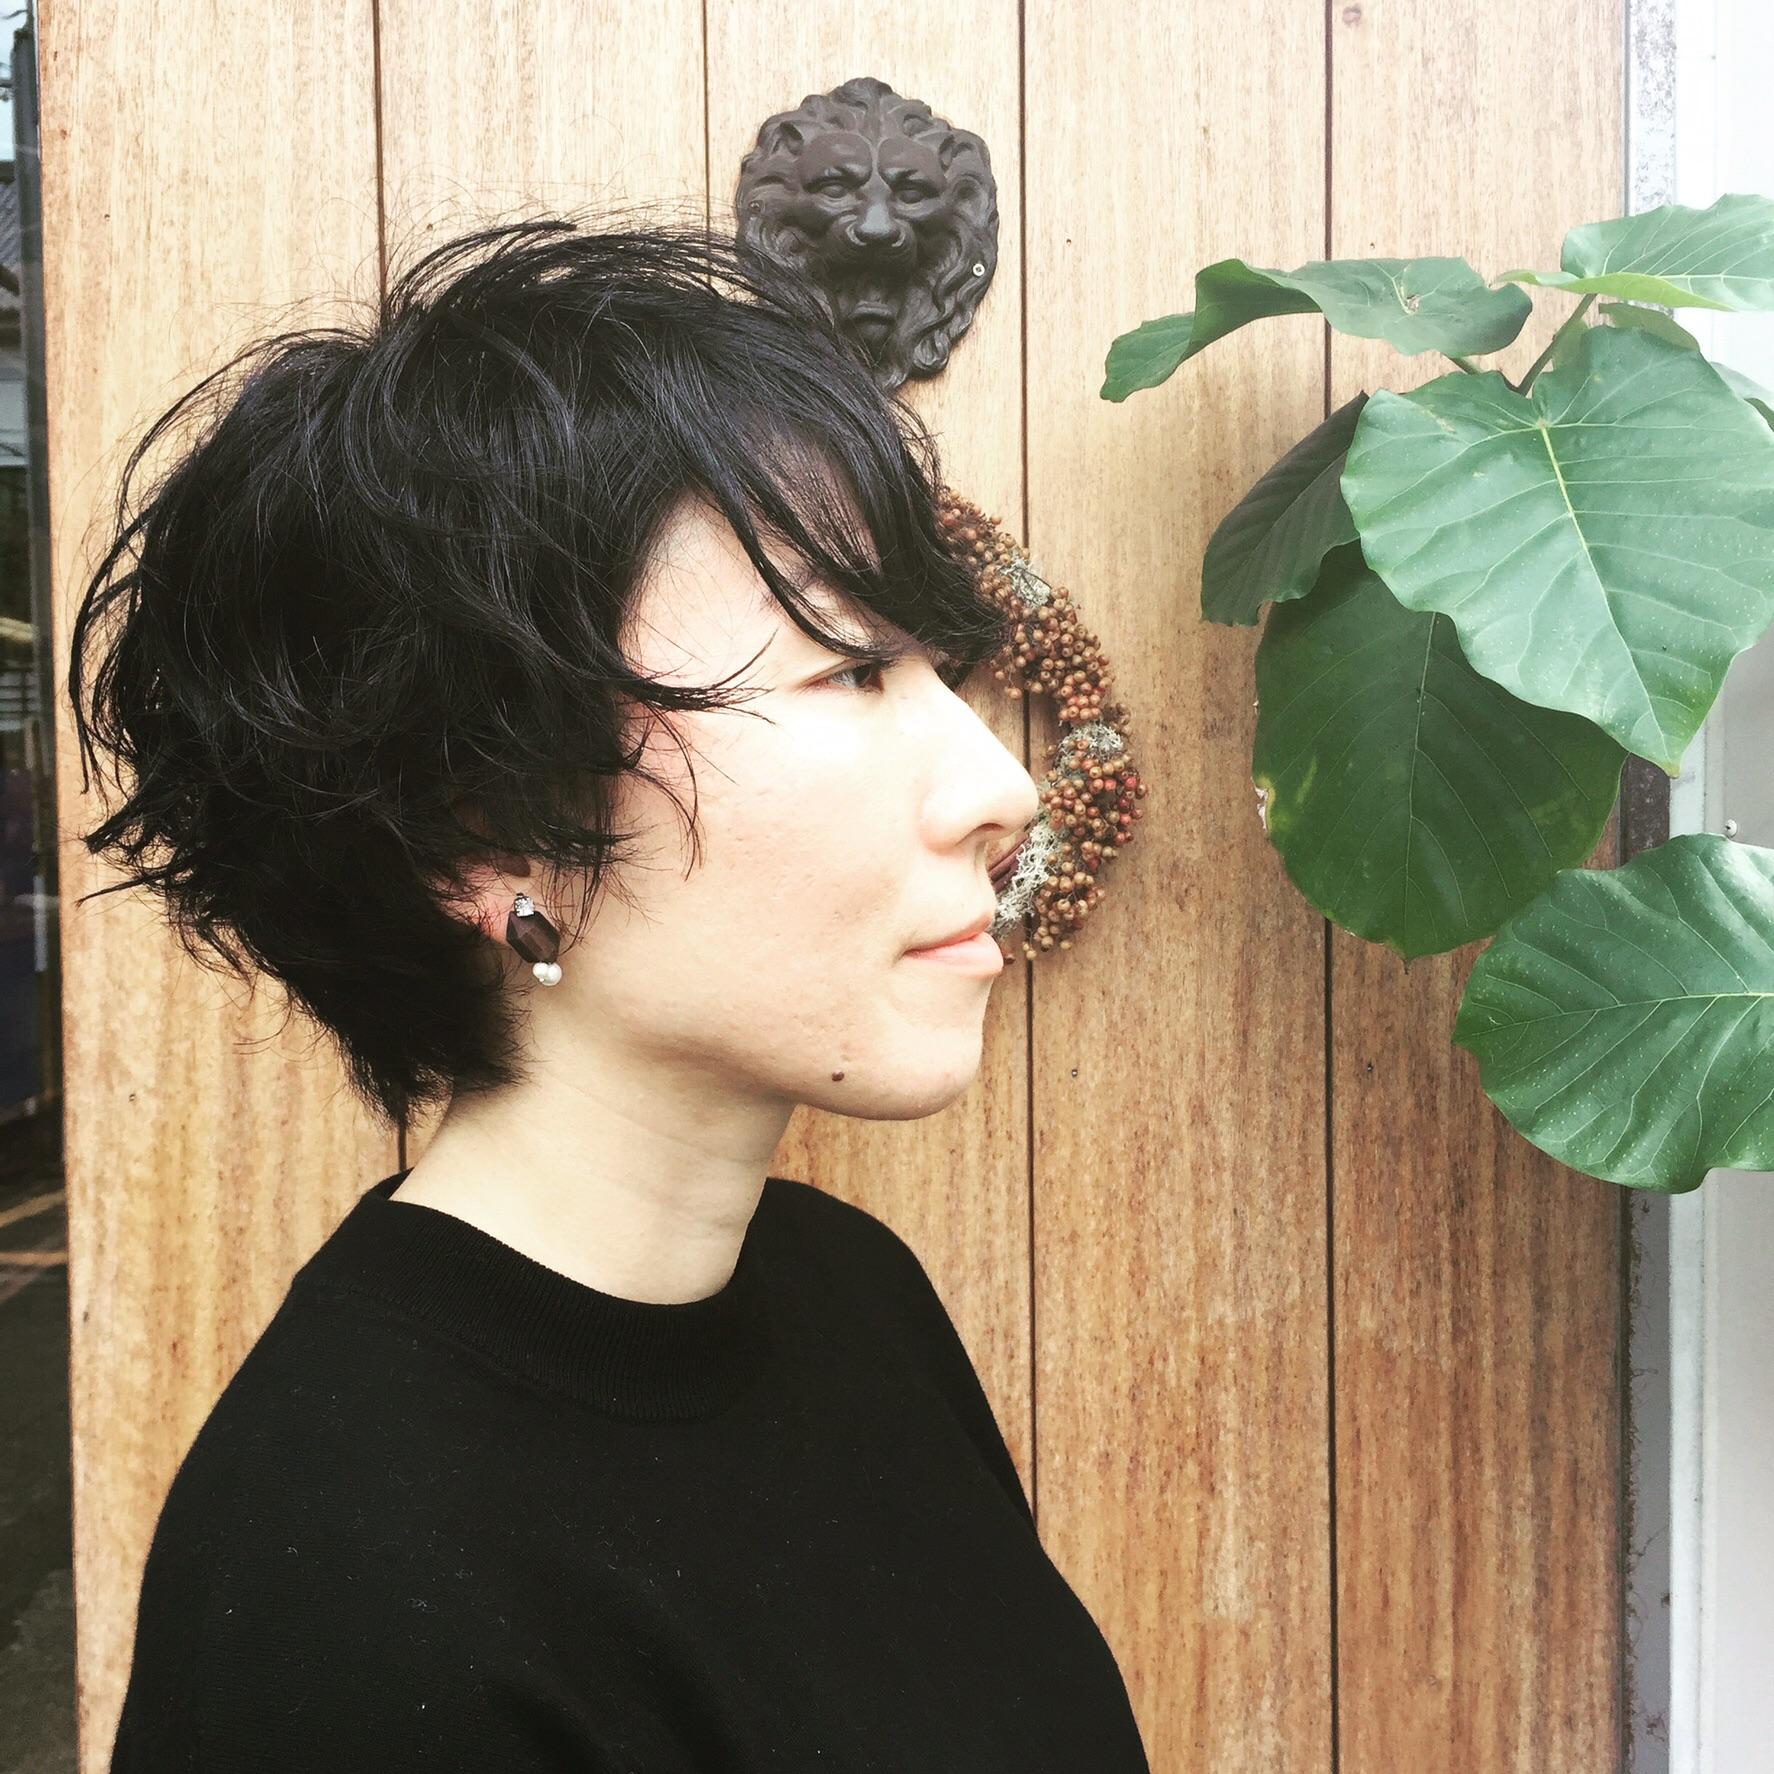 黒髪パーマで大人な感じ‼︎  秋にもなりましたし、イメージを変えるのもいいですよね‼︎